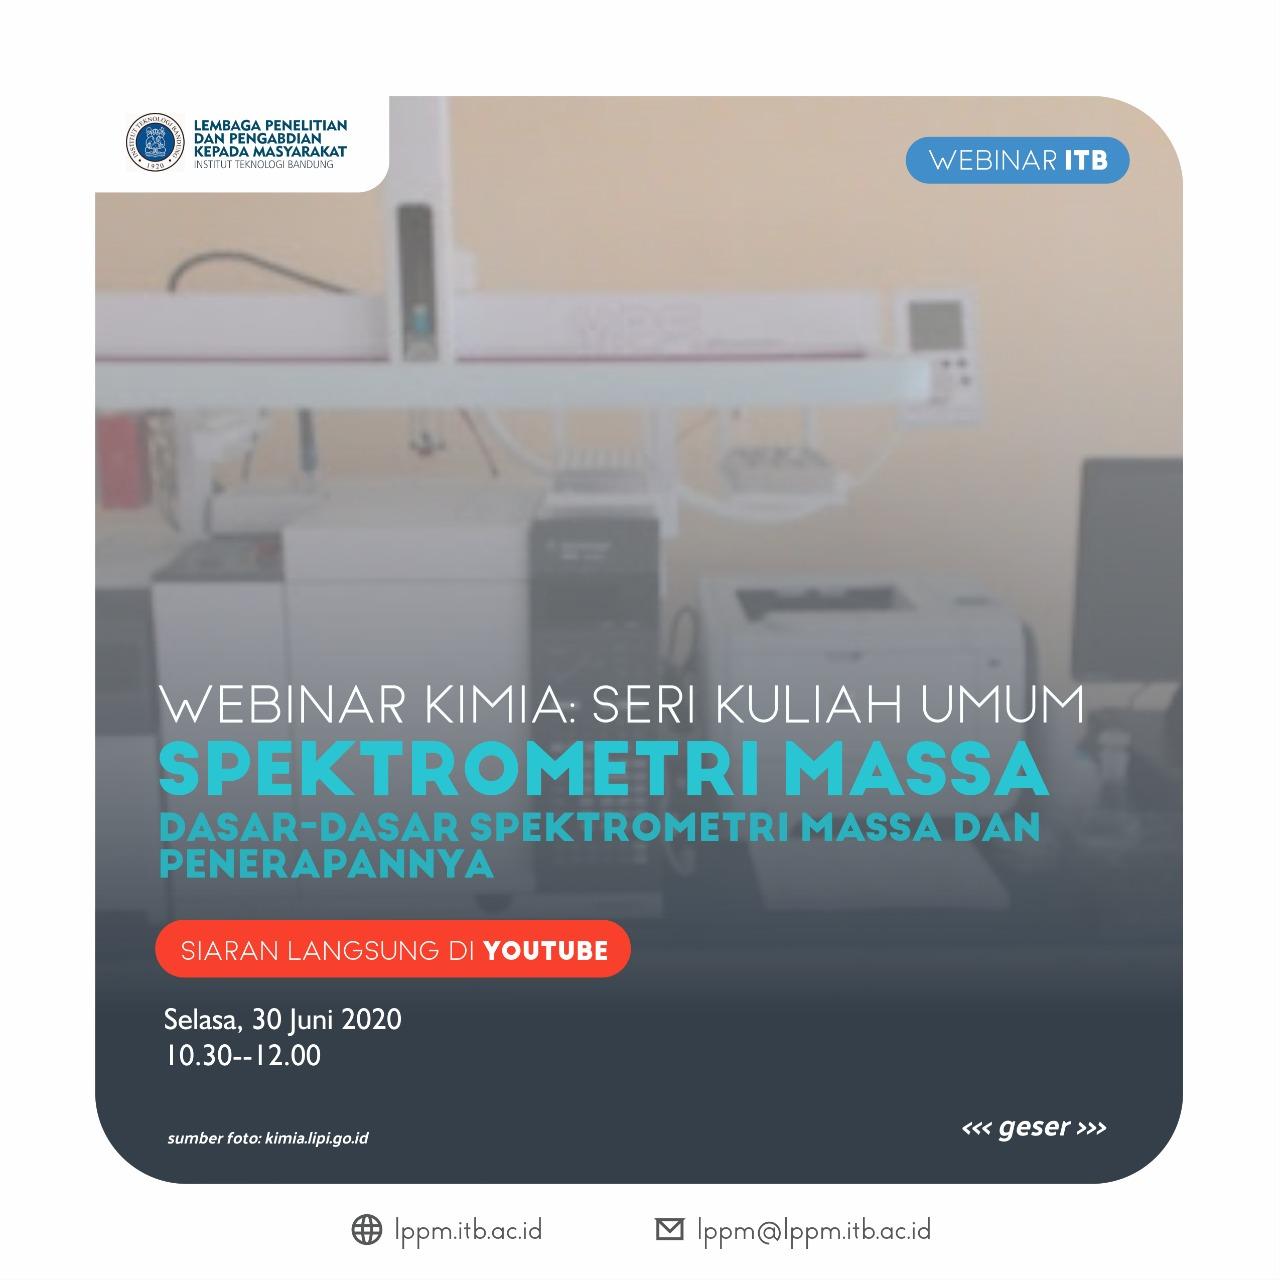 """Webinar Kimia dengan tema """"Spektrometri Massa: Dasar-Dasar Spektrometri Massa dan Penerapannya (Seri Kuliah Umum)"""""""